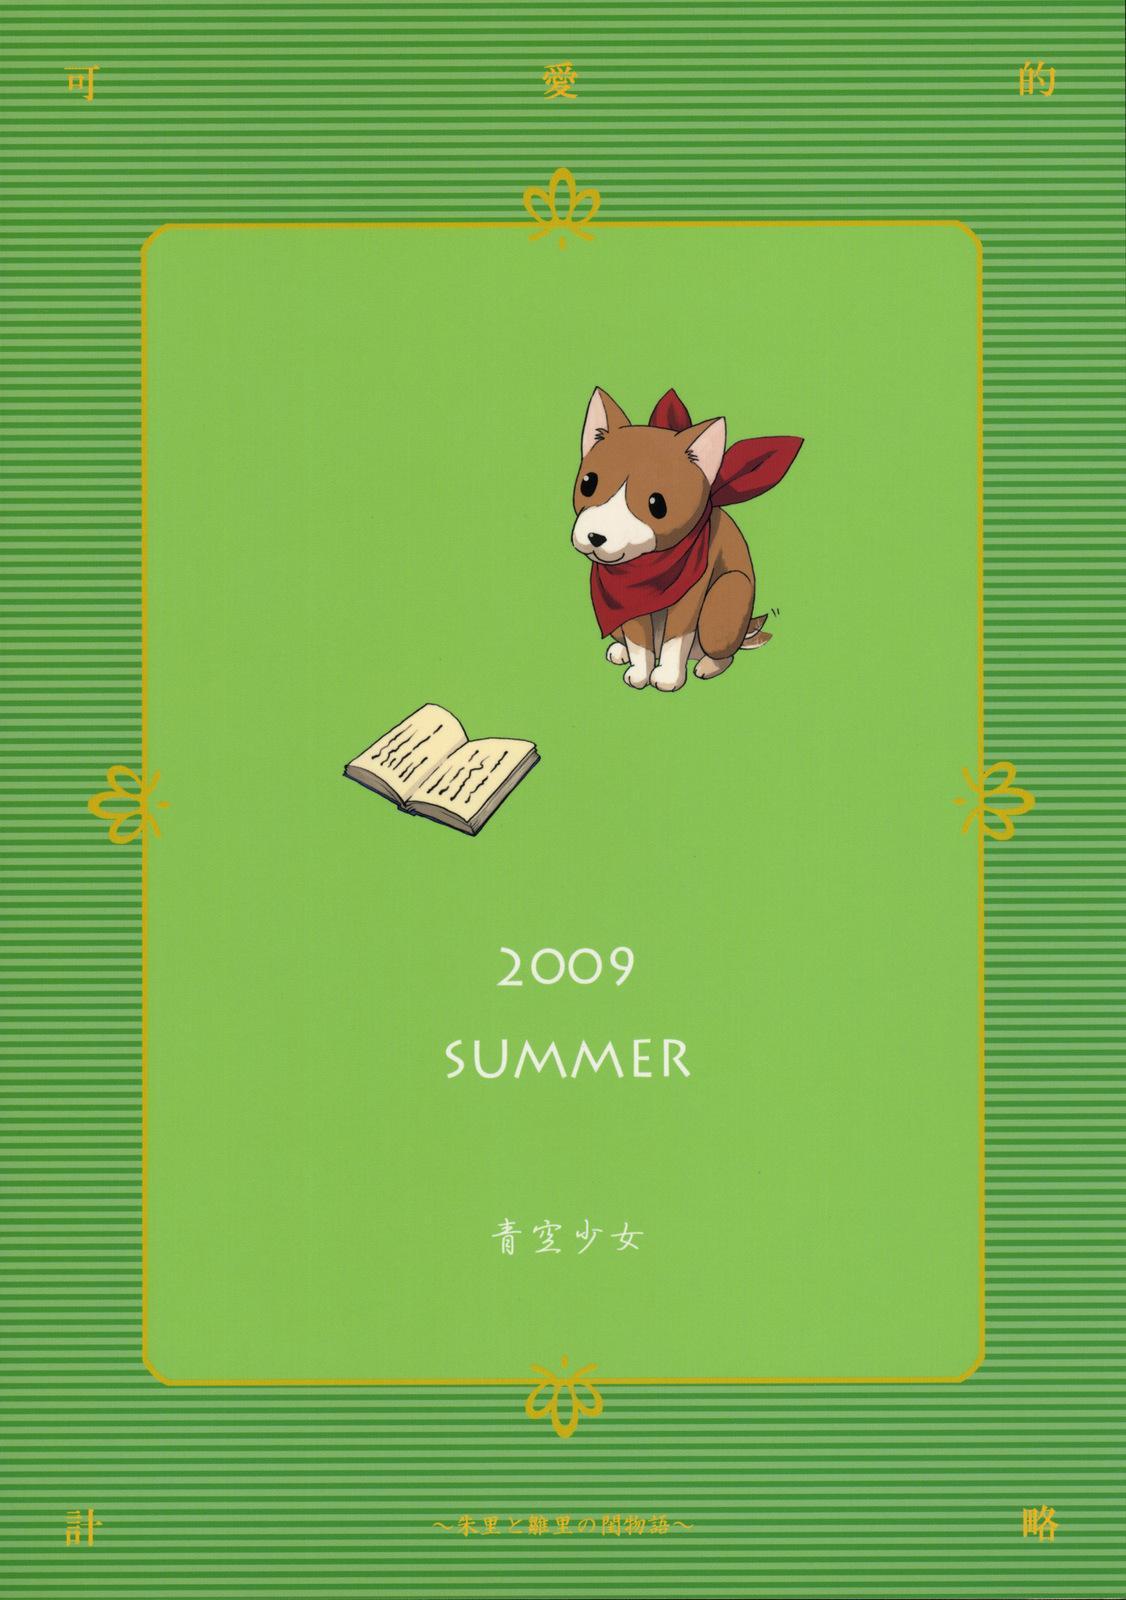 (C76) [Aozora Shoujo (Shirane Taito)] Kawai-teki Keiryaku ~Shuri to Hinari no Neya Monogatari~ | A Cutesy Plan ~Shuri and Hinari's Bedroom Story~ (Koihime Musou) [English] =Team Vanilla= 24